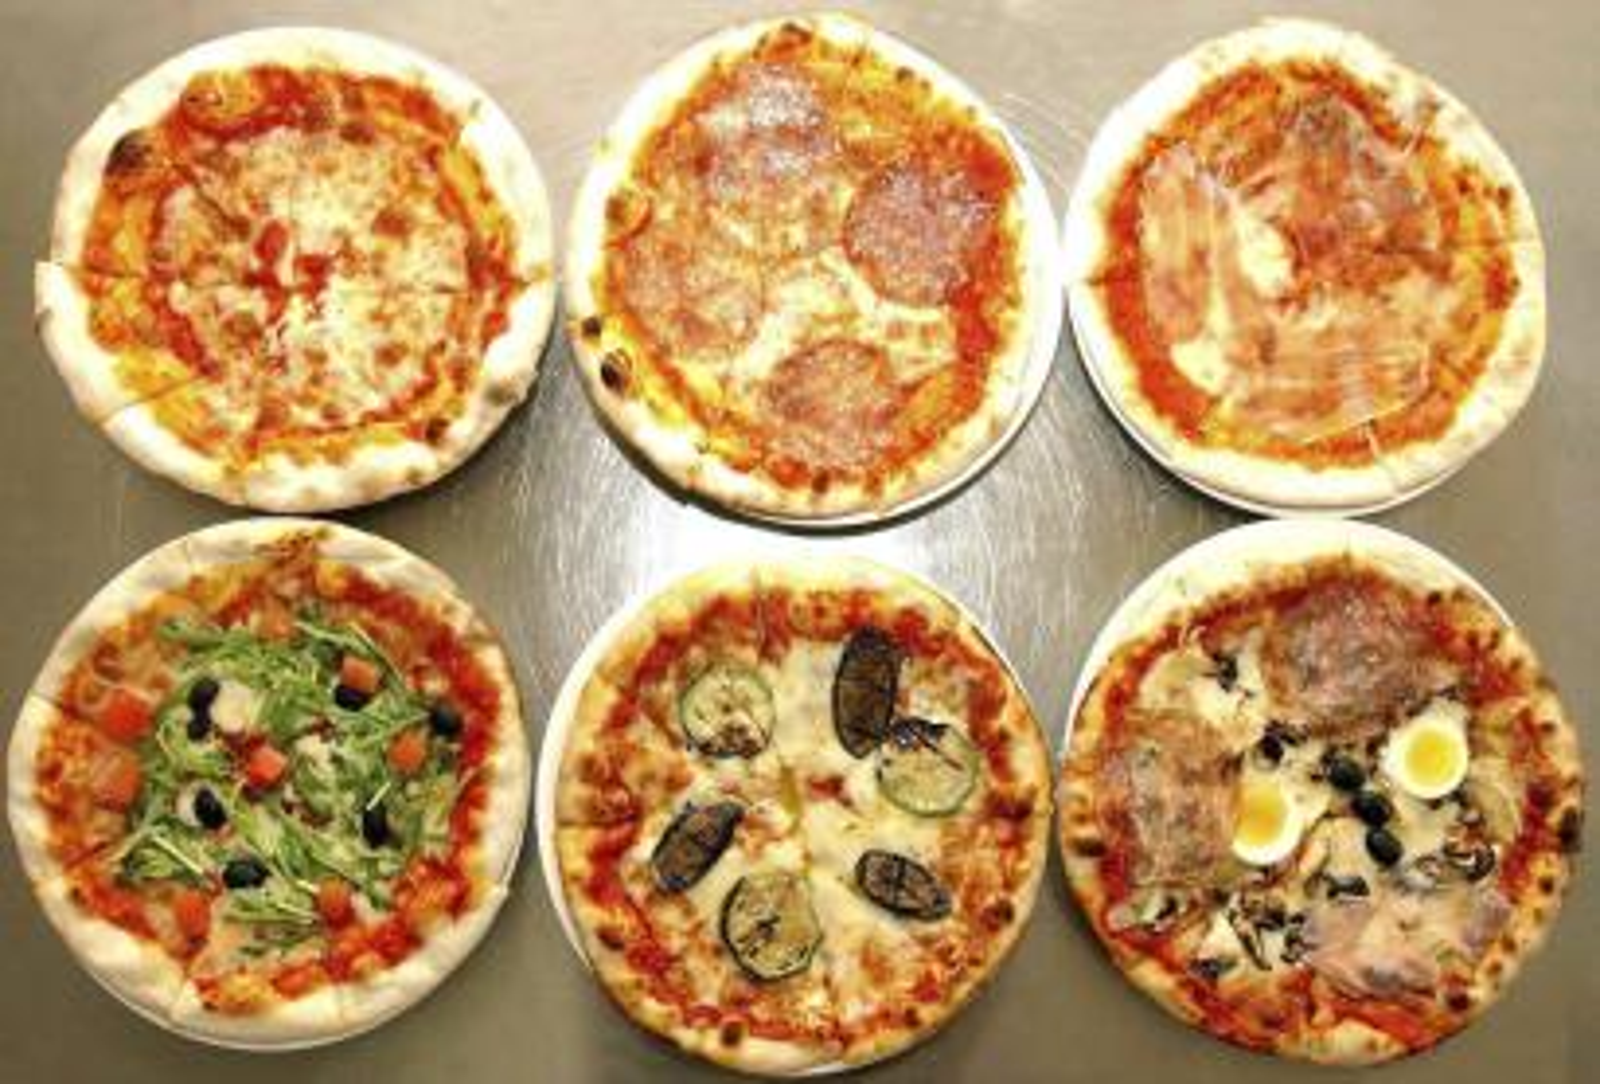 India just can't get enough pizza — Quartz India